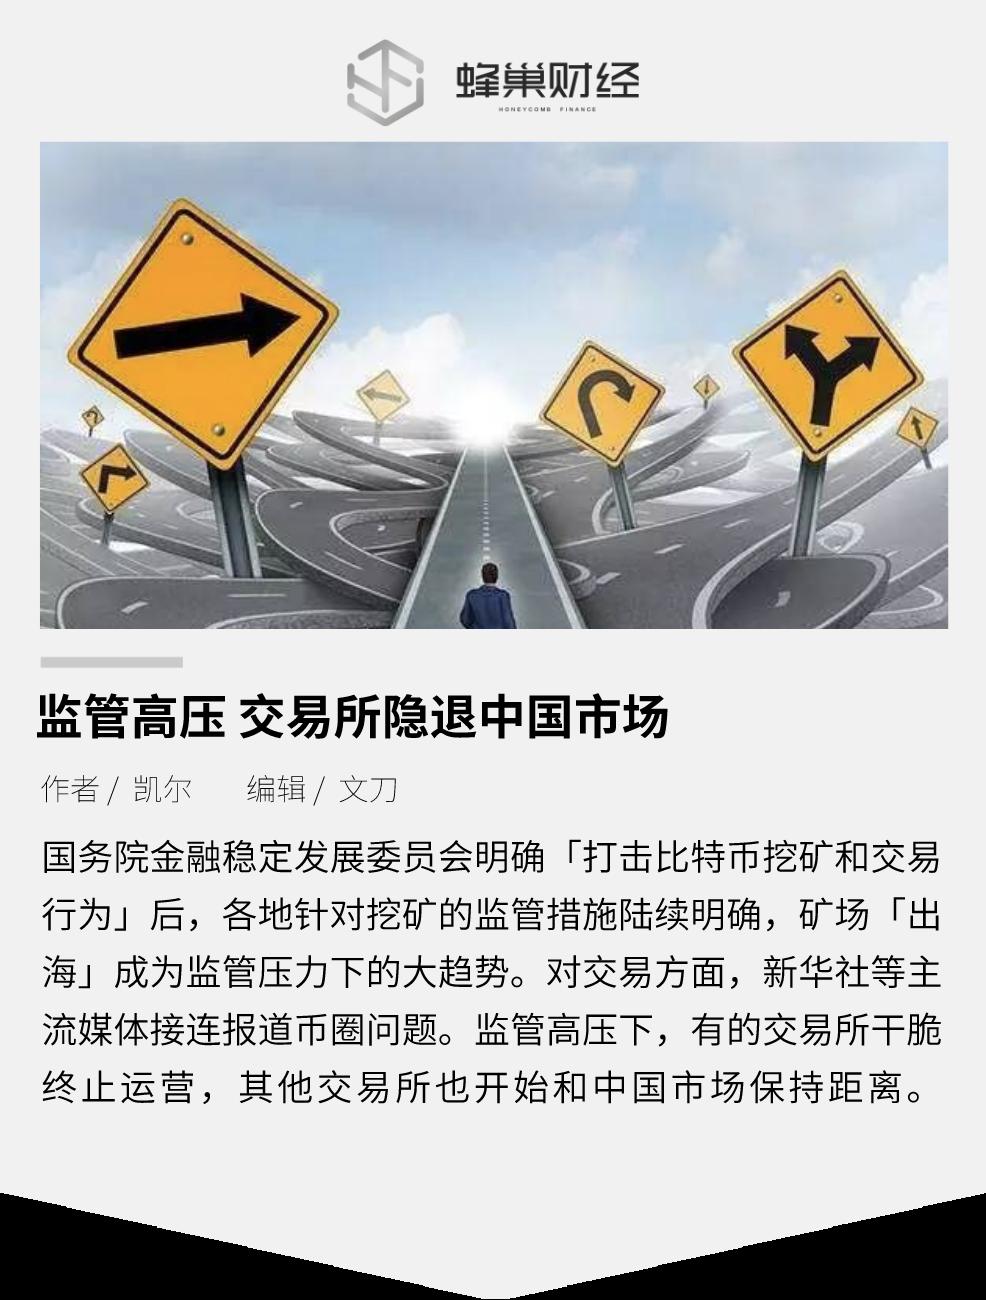 币世界-监管高压 交易所隐退中国市场